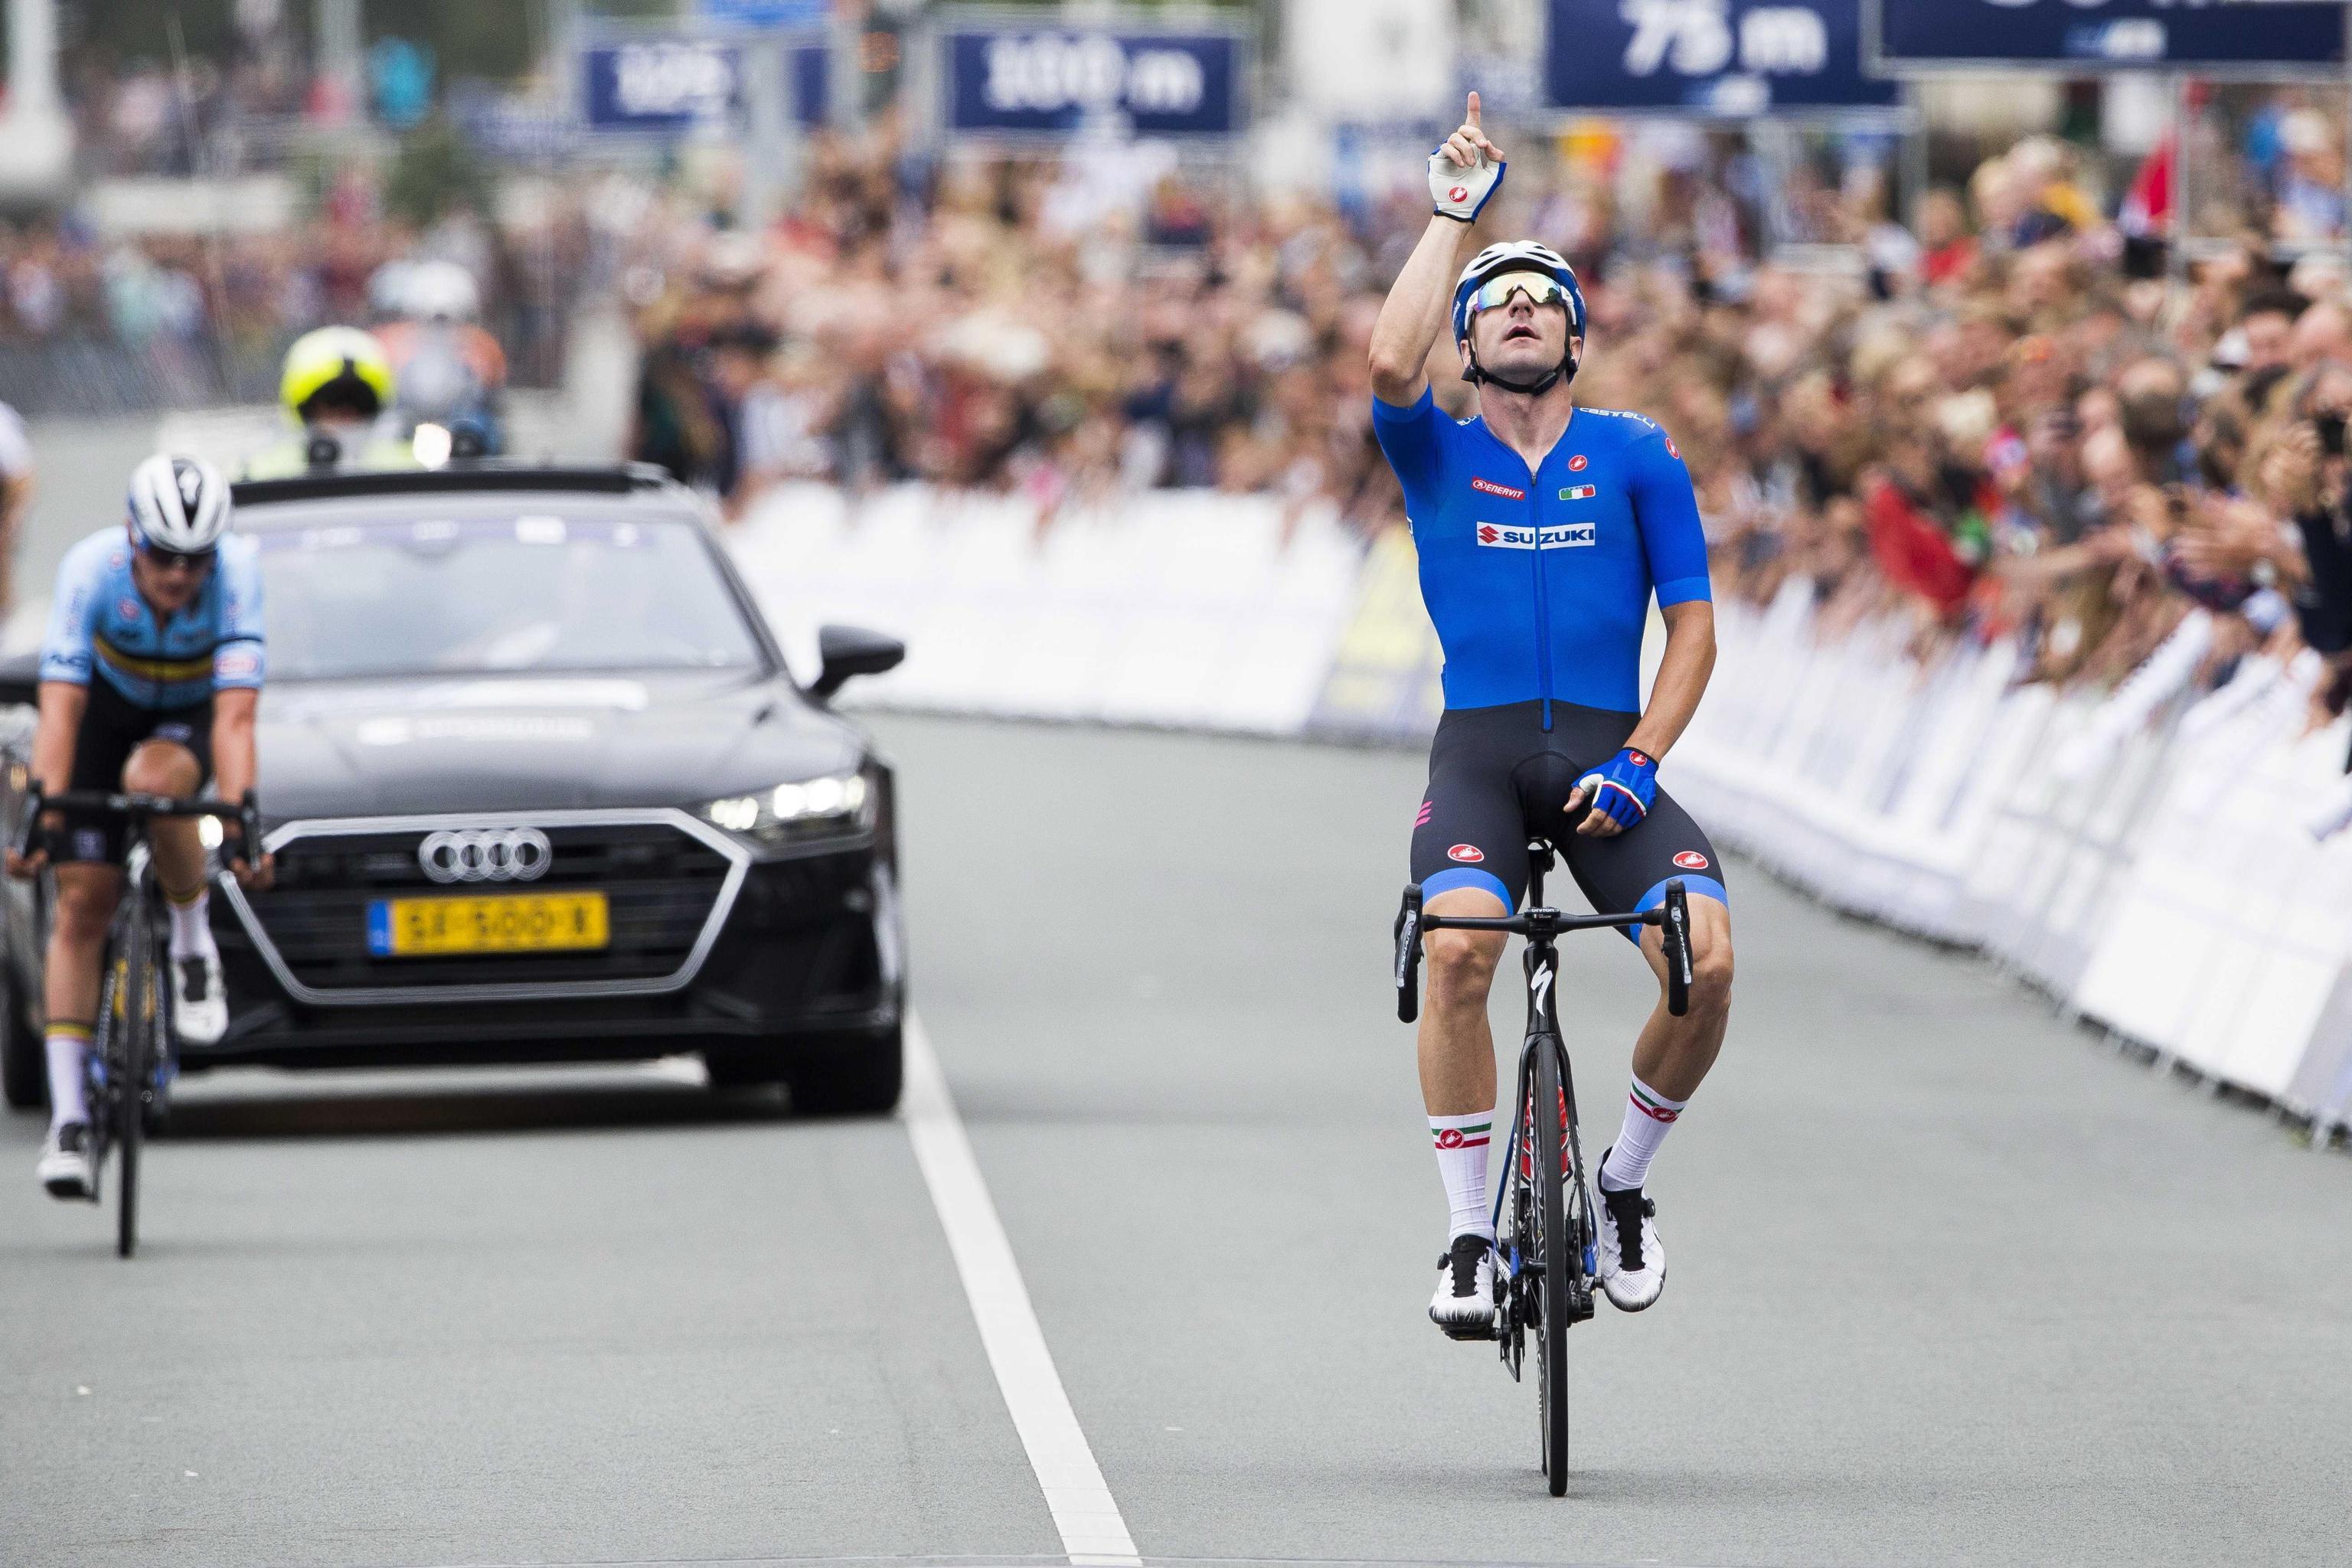 Elia Viviani ha vinto la medaglia d'oro nella prova in linea individuale su strada ai Campionati europei di ciclismo in svolgimento ad Alkmaar, in...